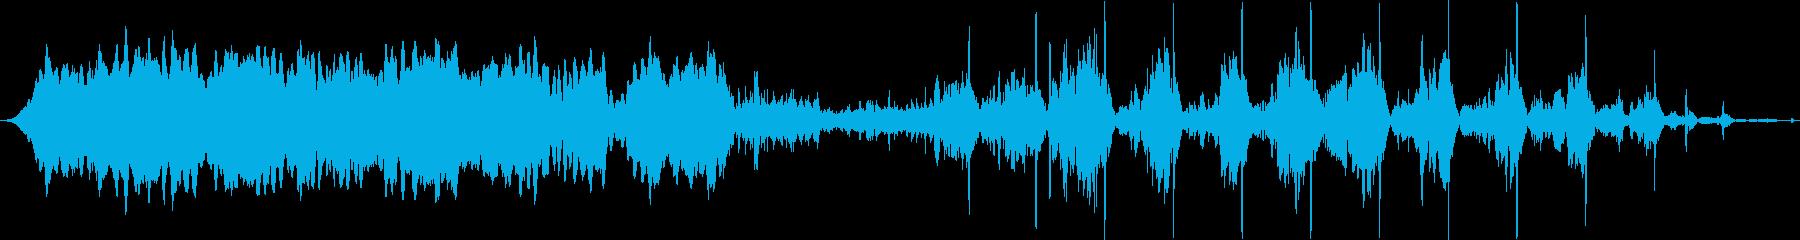 スキャナーの回転バズチューニングか...の再生済みの波形